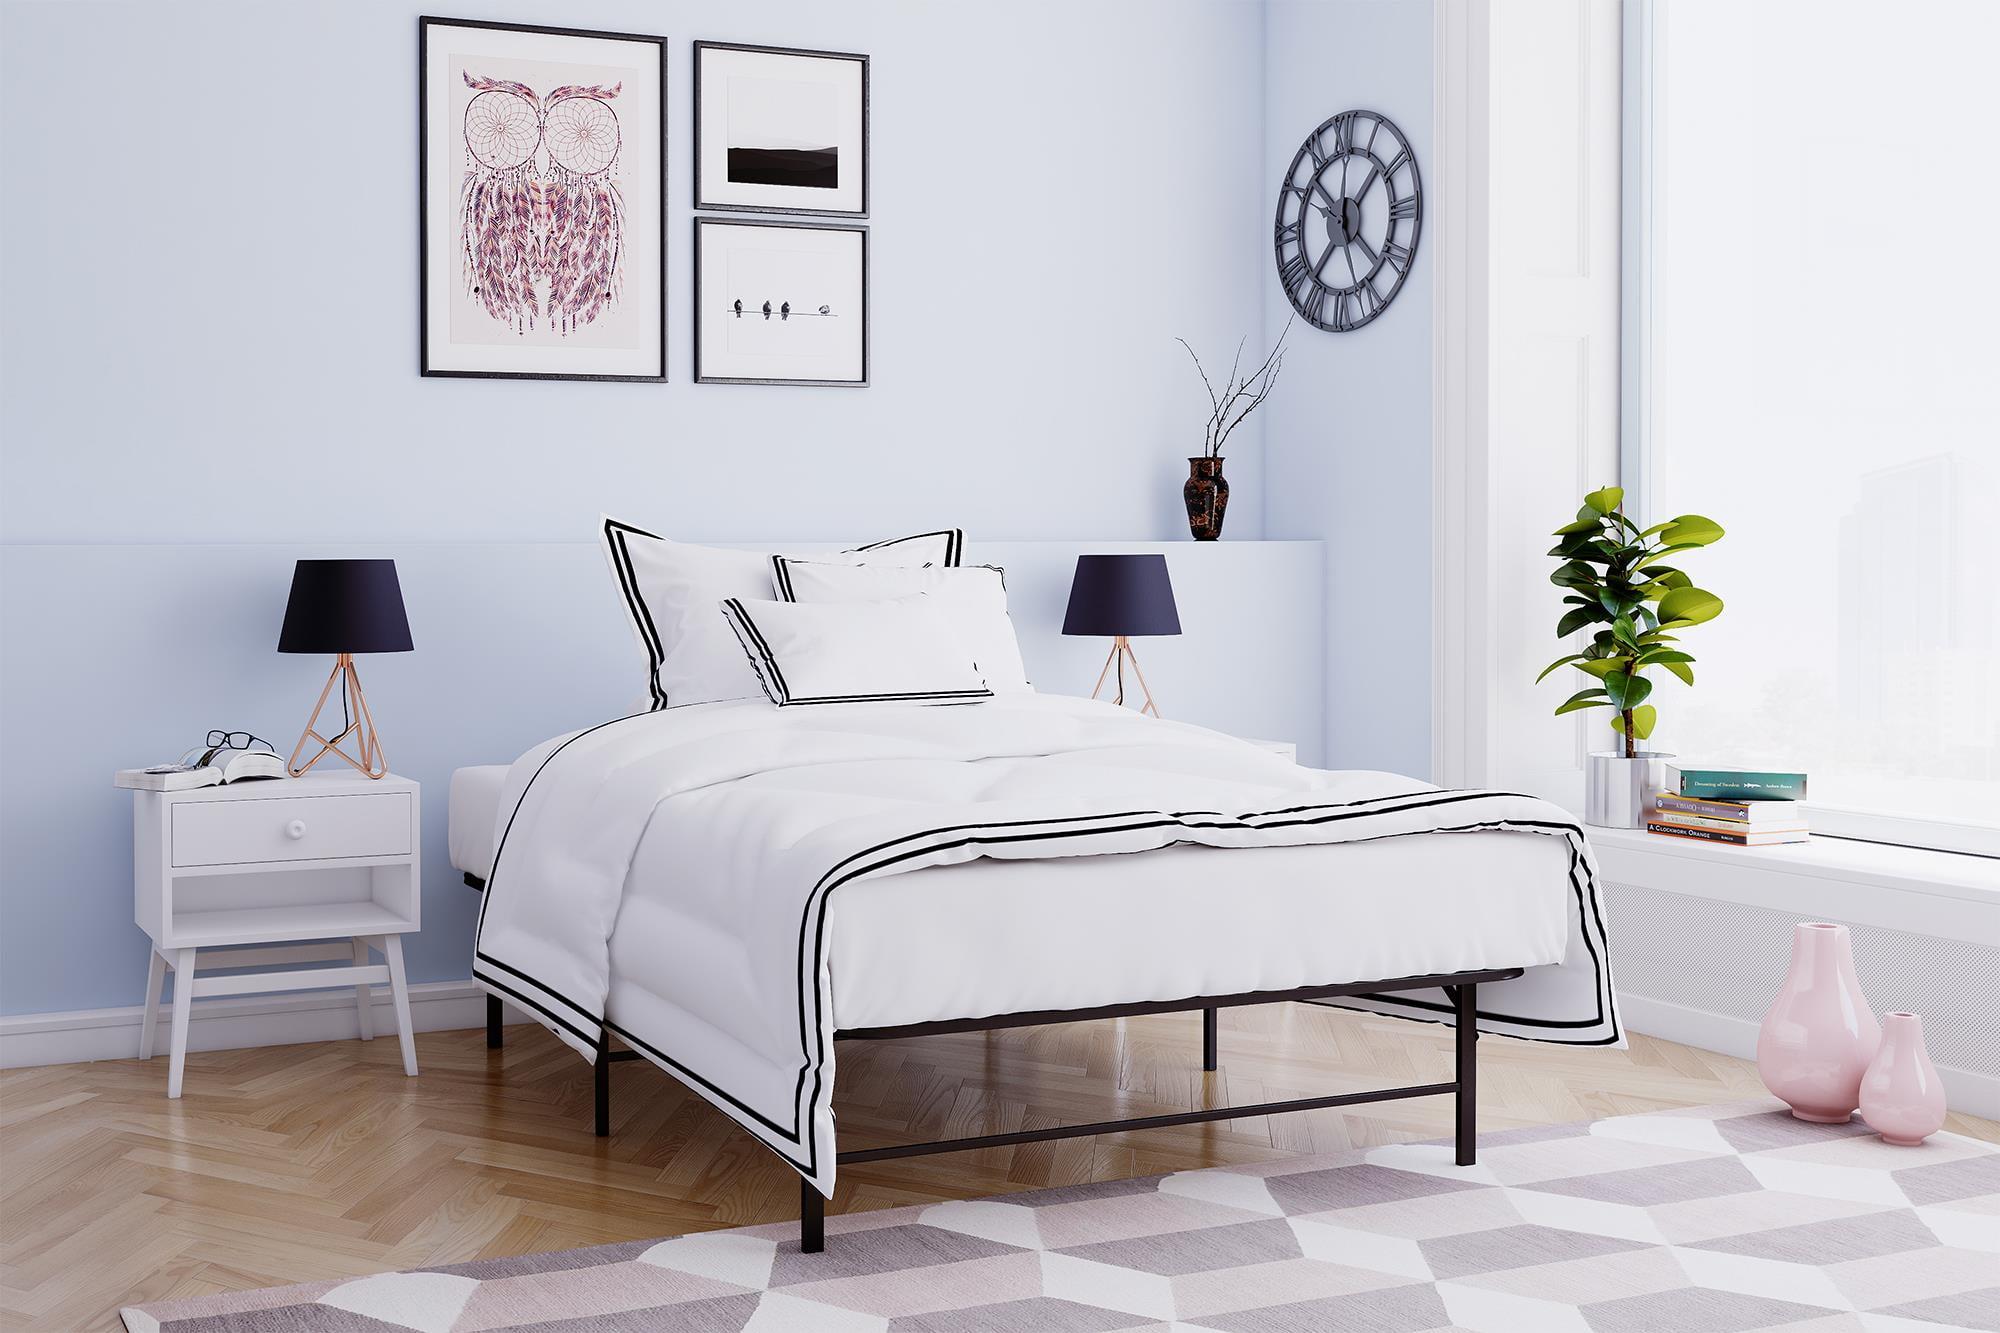 Mainstays Metal Platform Bed Frame/Foundation, Black, Multiple Sizes ...